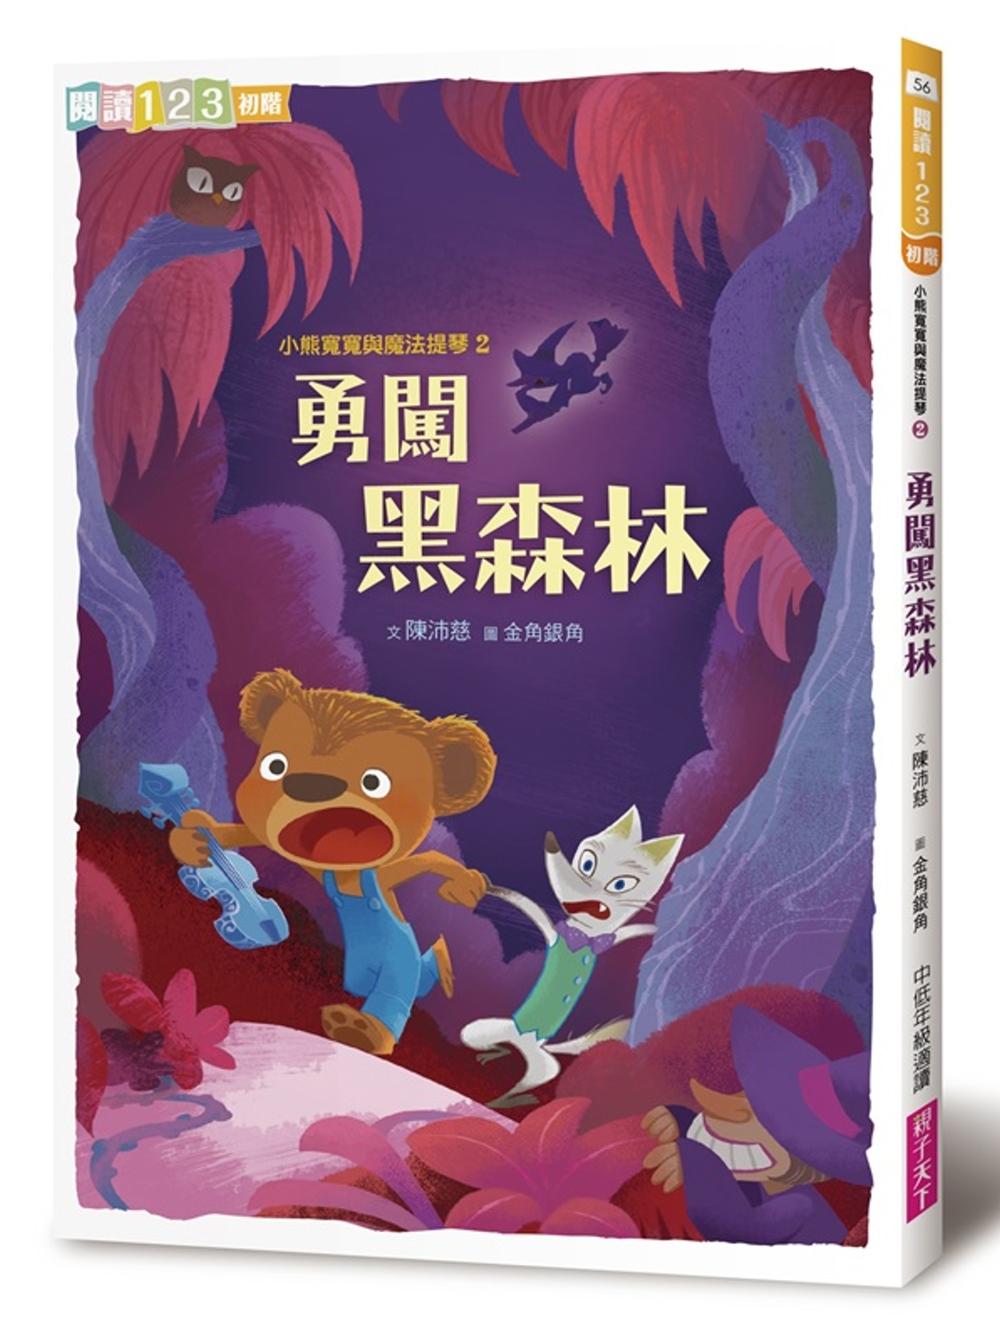 小熊寬寬與魔法提琴2:勇闖黑森林